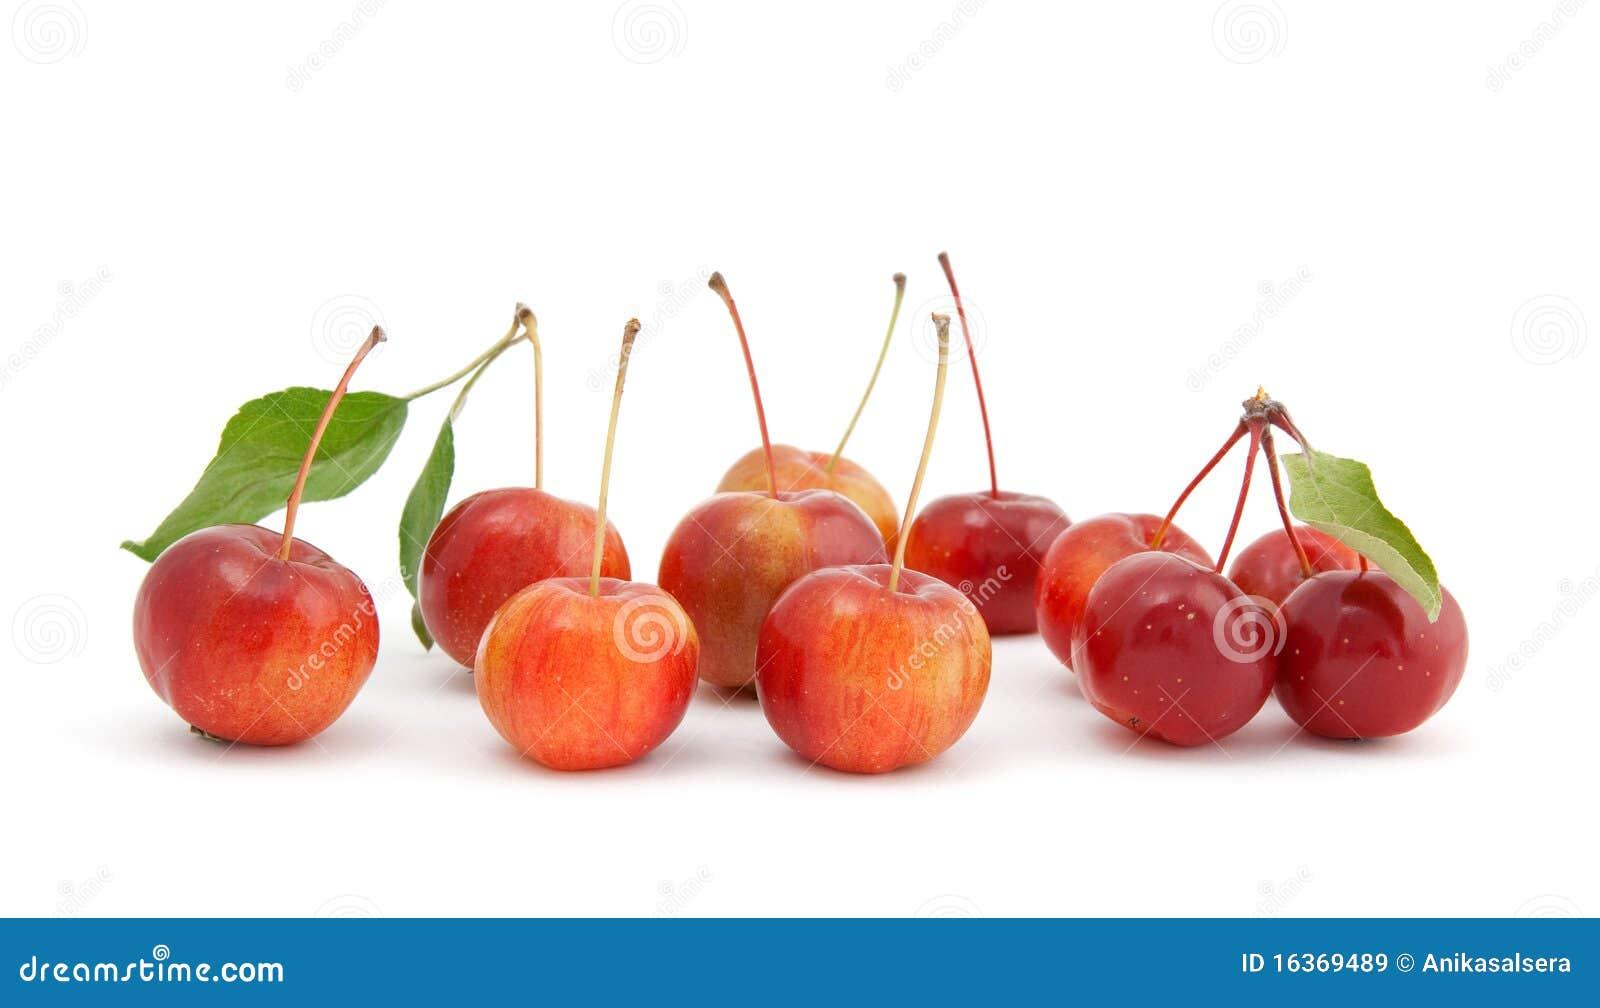 Mele di ciliegia cinesi su priorit bassa bianca immagini - Immagini stampabili di mele ...